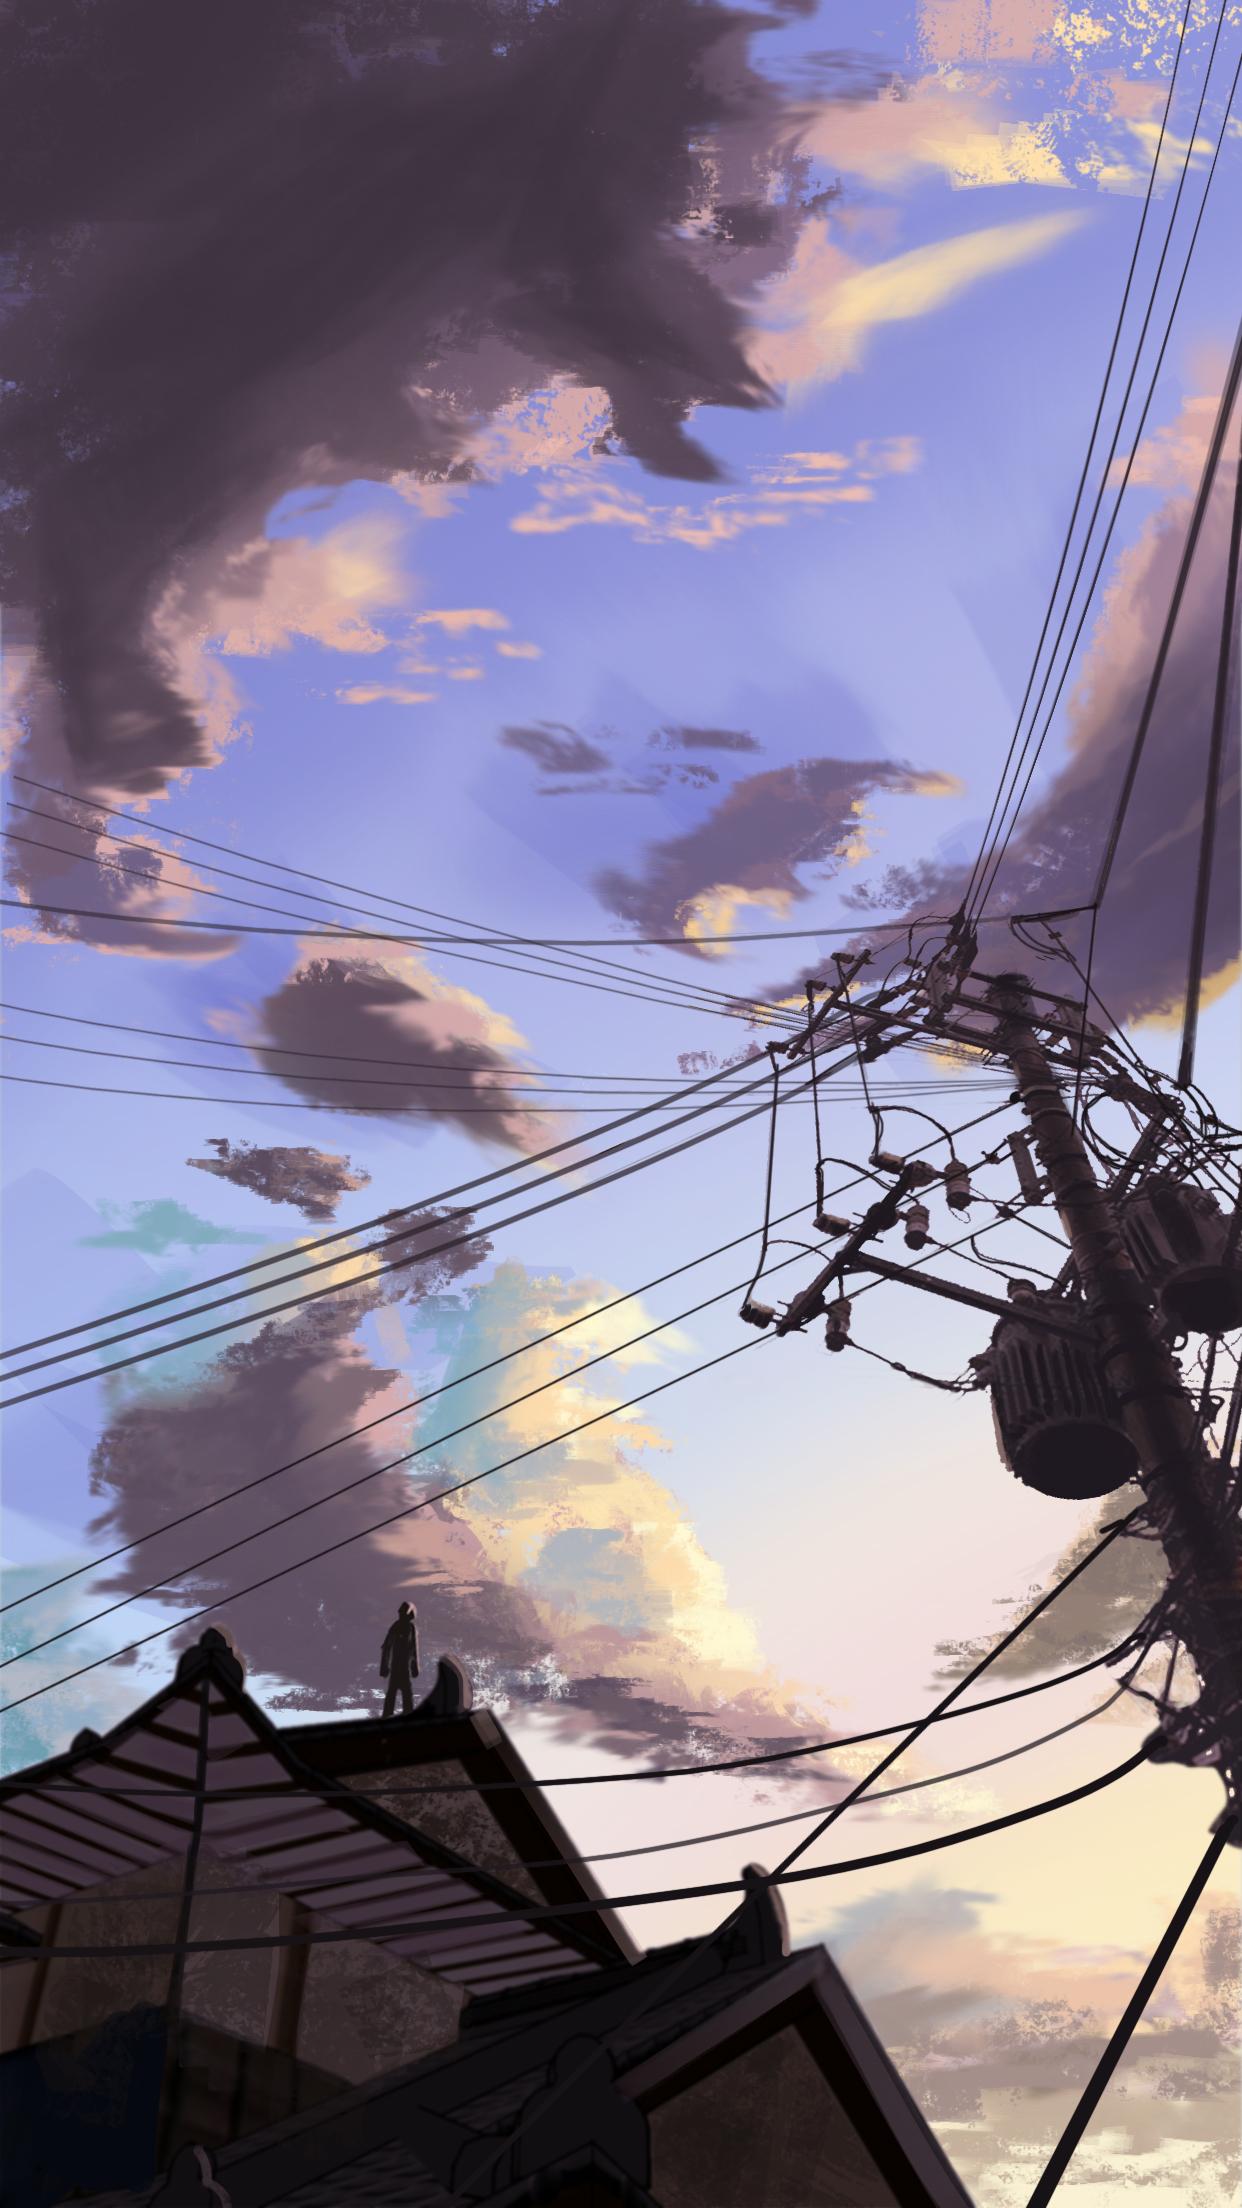 Cloud-PhoneWallpaper3.jpg